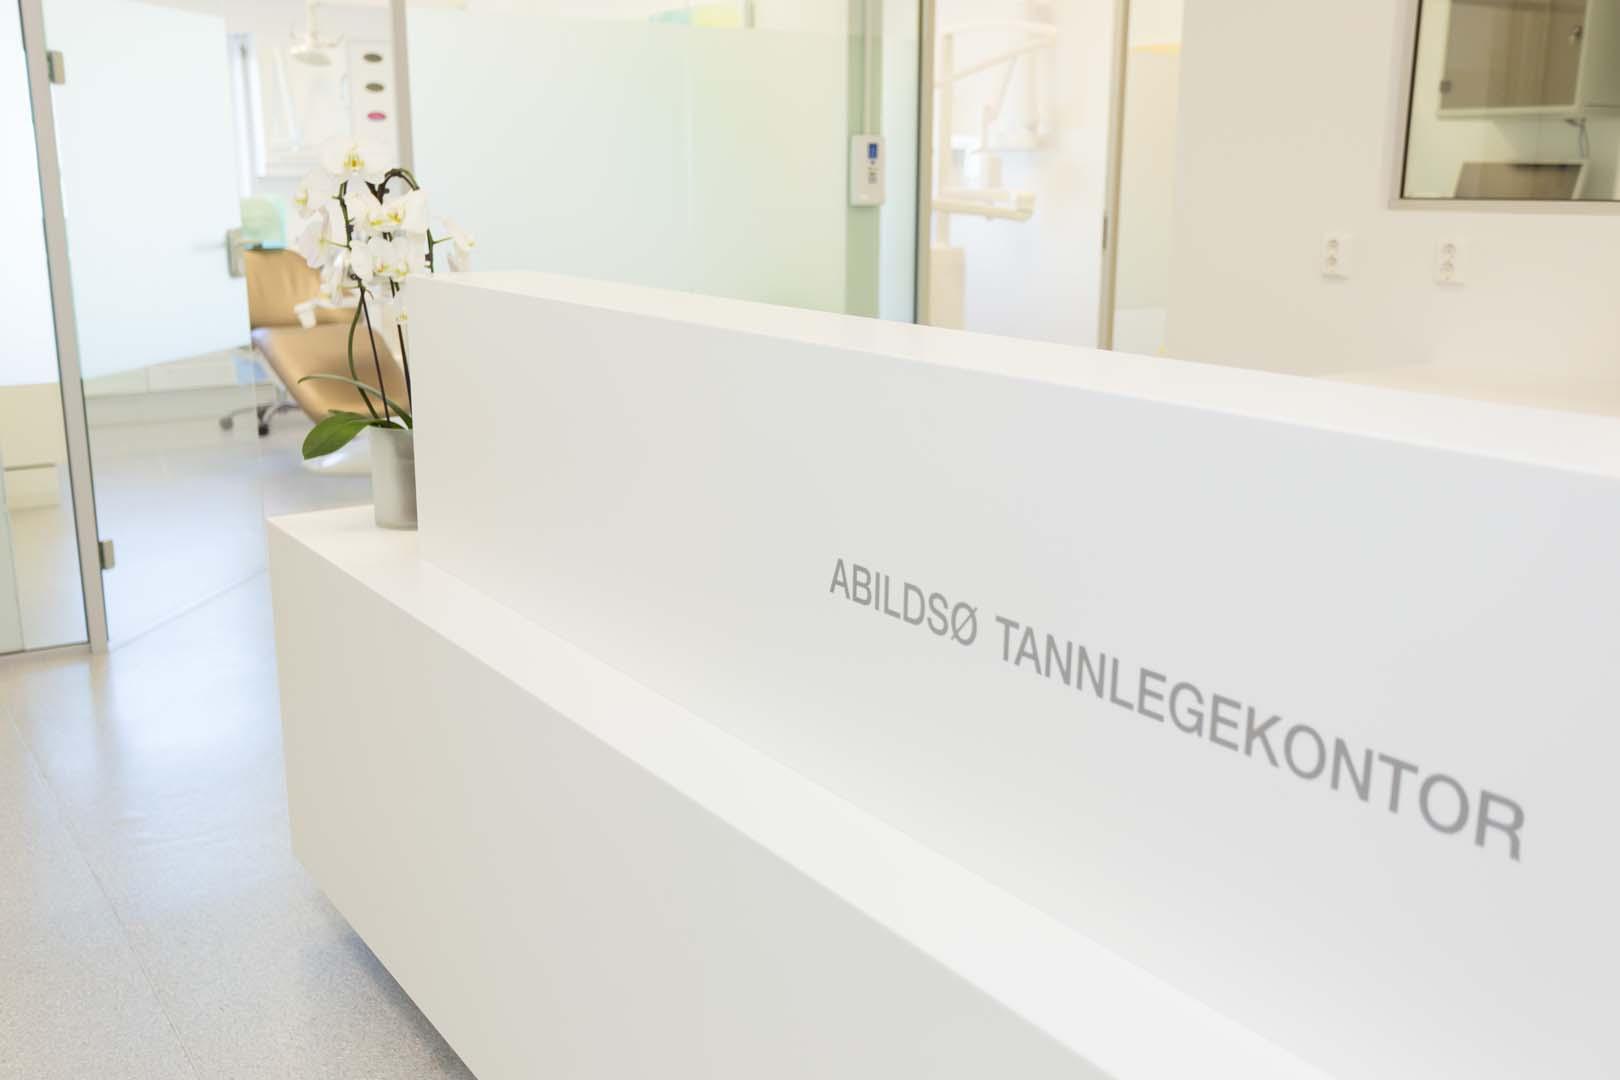 Abildsø Tannlegekontor